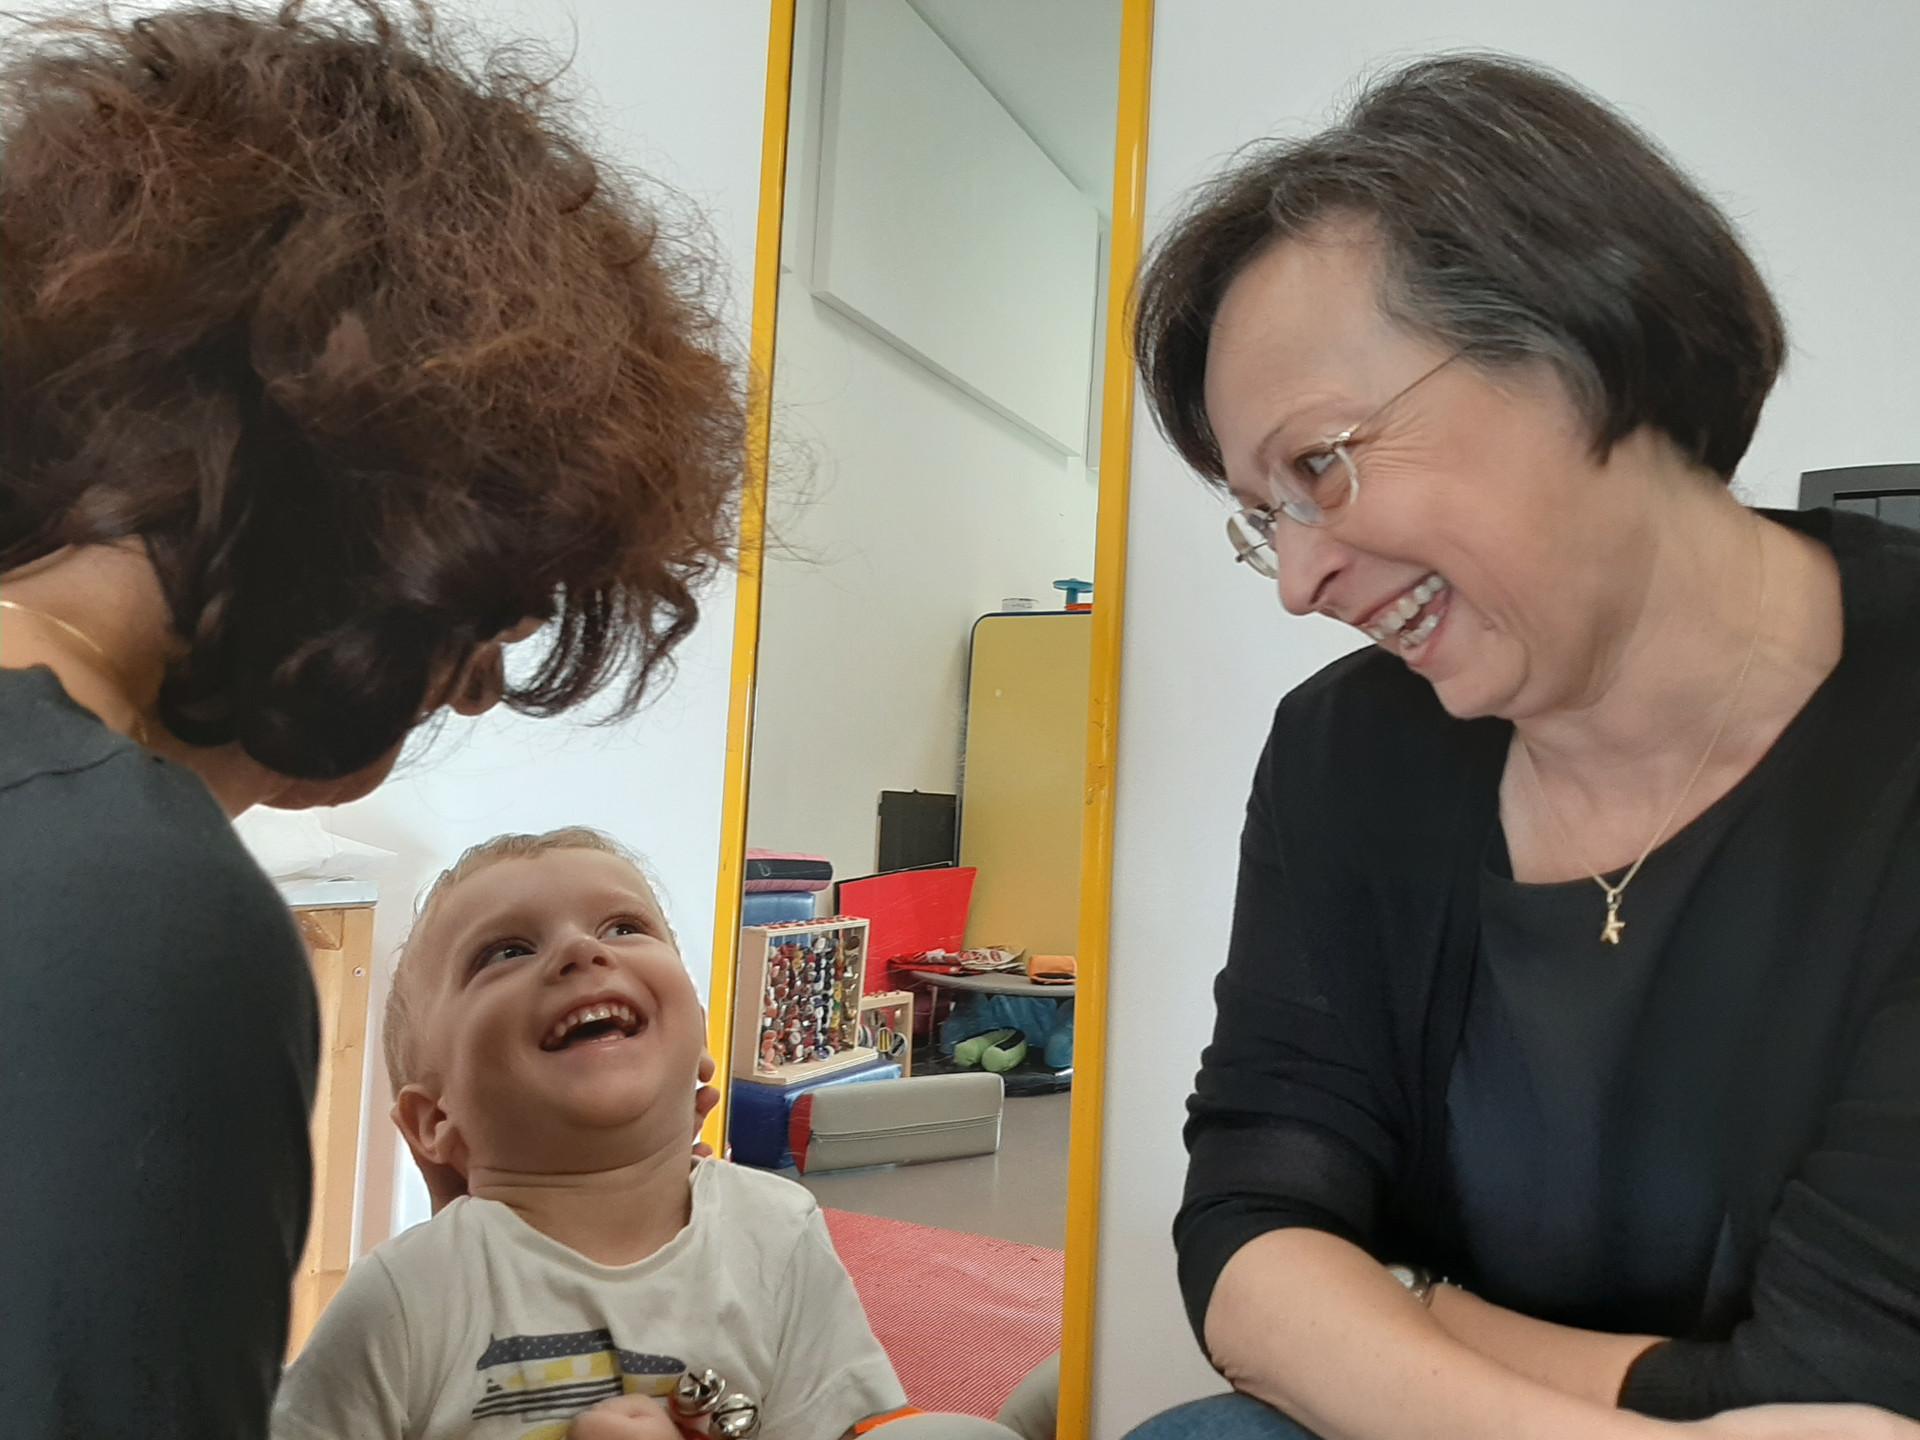 Un bambino utente della Lega del Filo d'Oro ride insieme alla Dottoressa Raimondi, mentre sua mamma, di spalle, lo regge. La scena avviene in un ambiente dedicato alla fisioterapia, come si capisce da alcuni strumenti che si intravedono in uno specchio sullo sfondo.